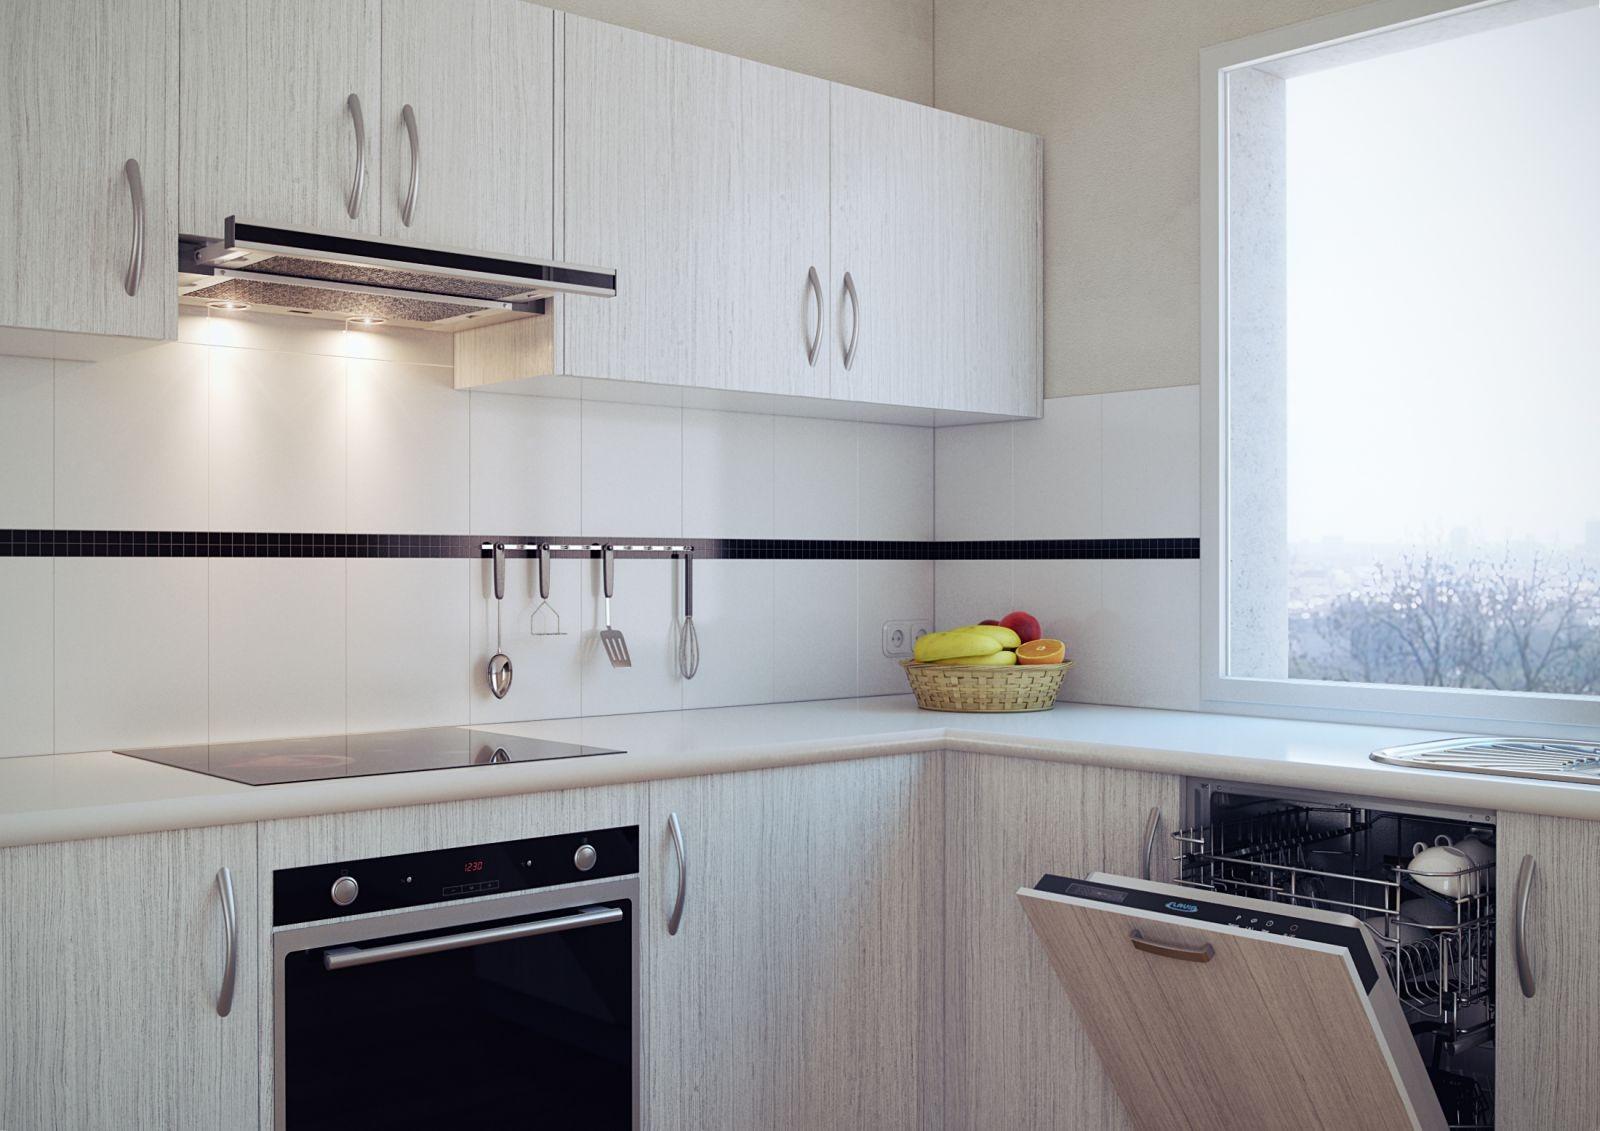 Ремонт кухонной вытяжки mbs своими руками